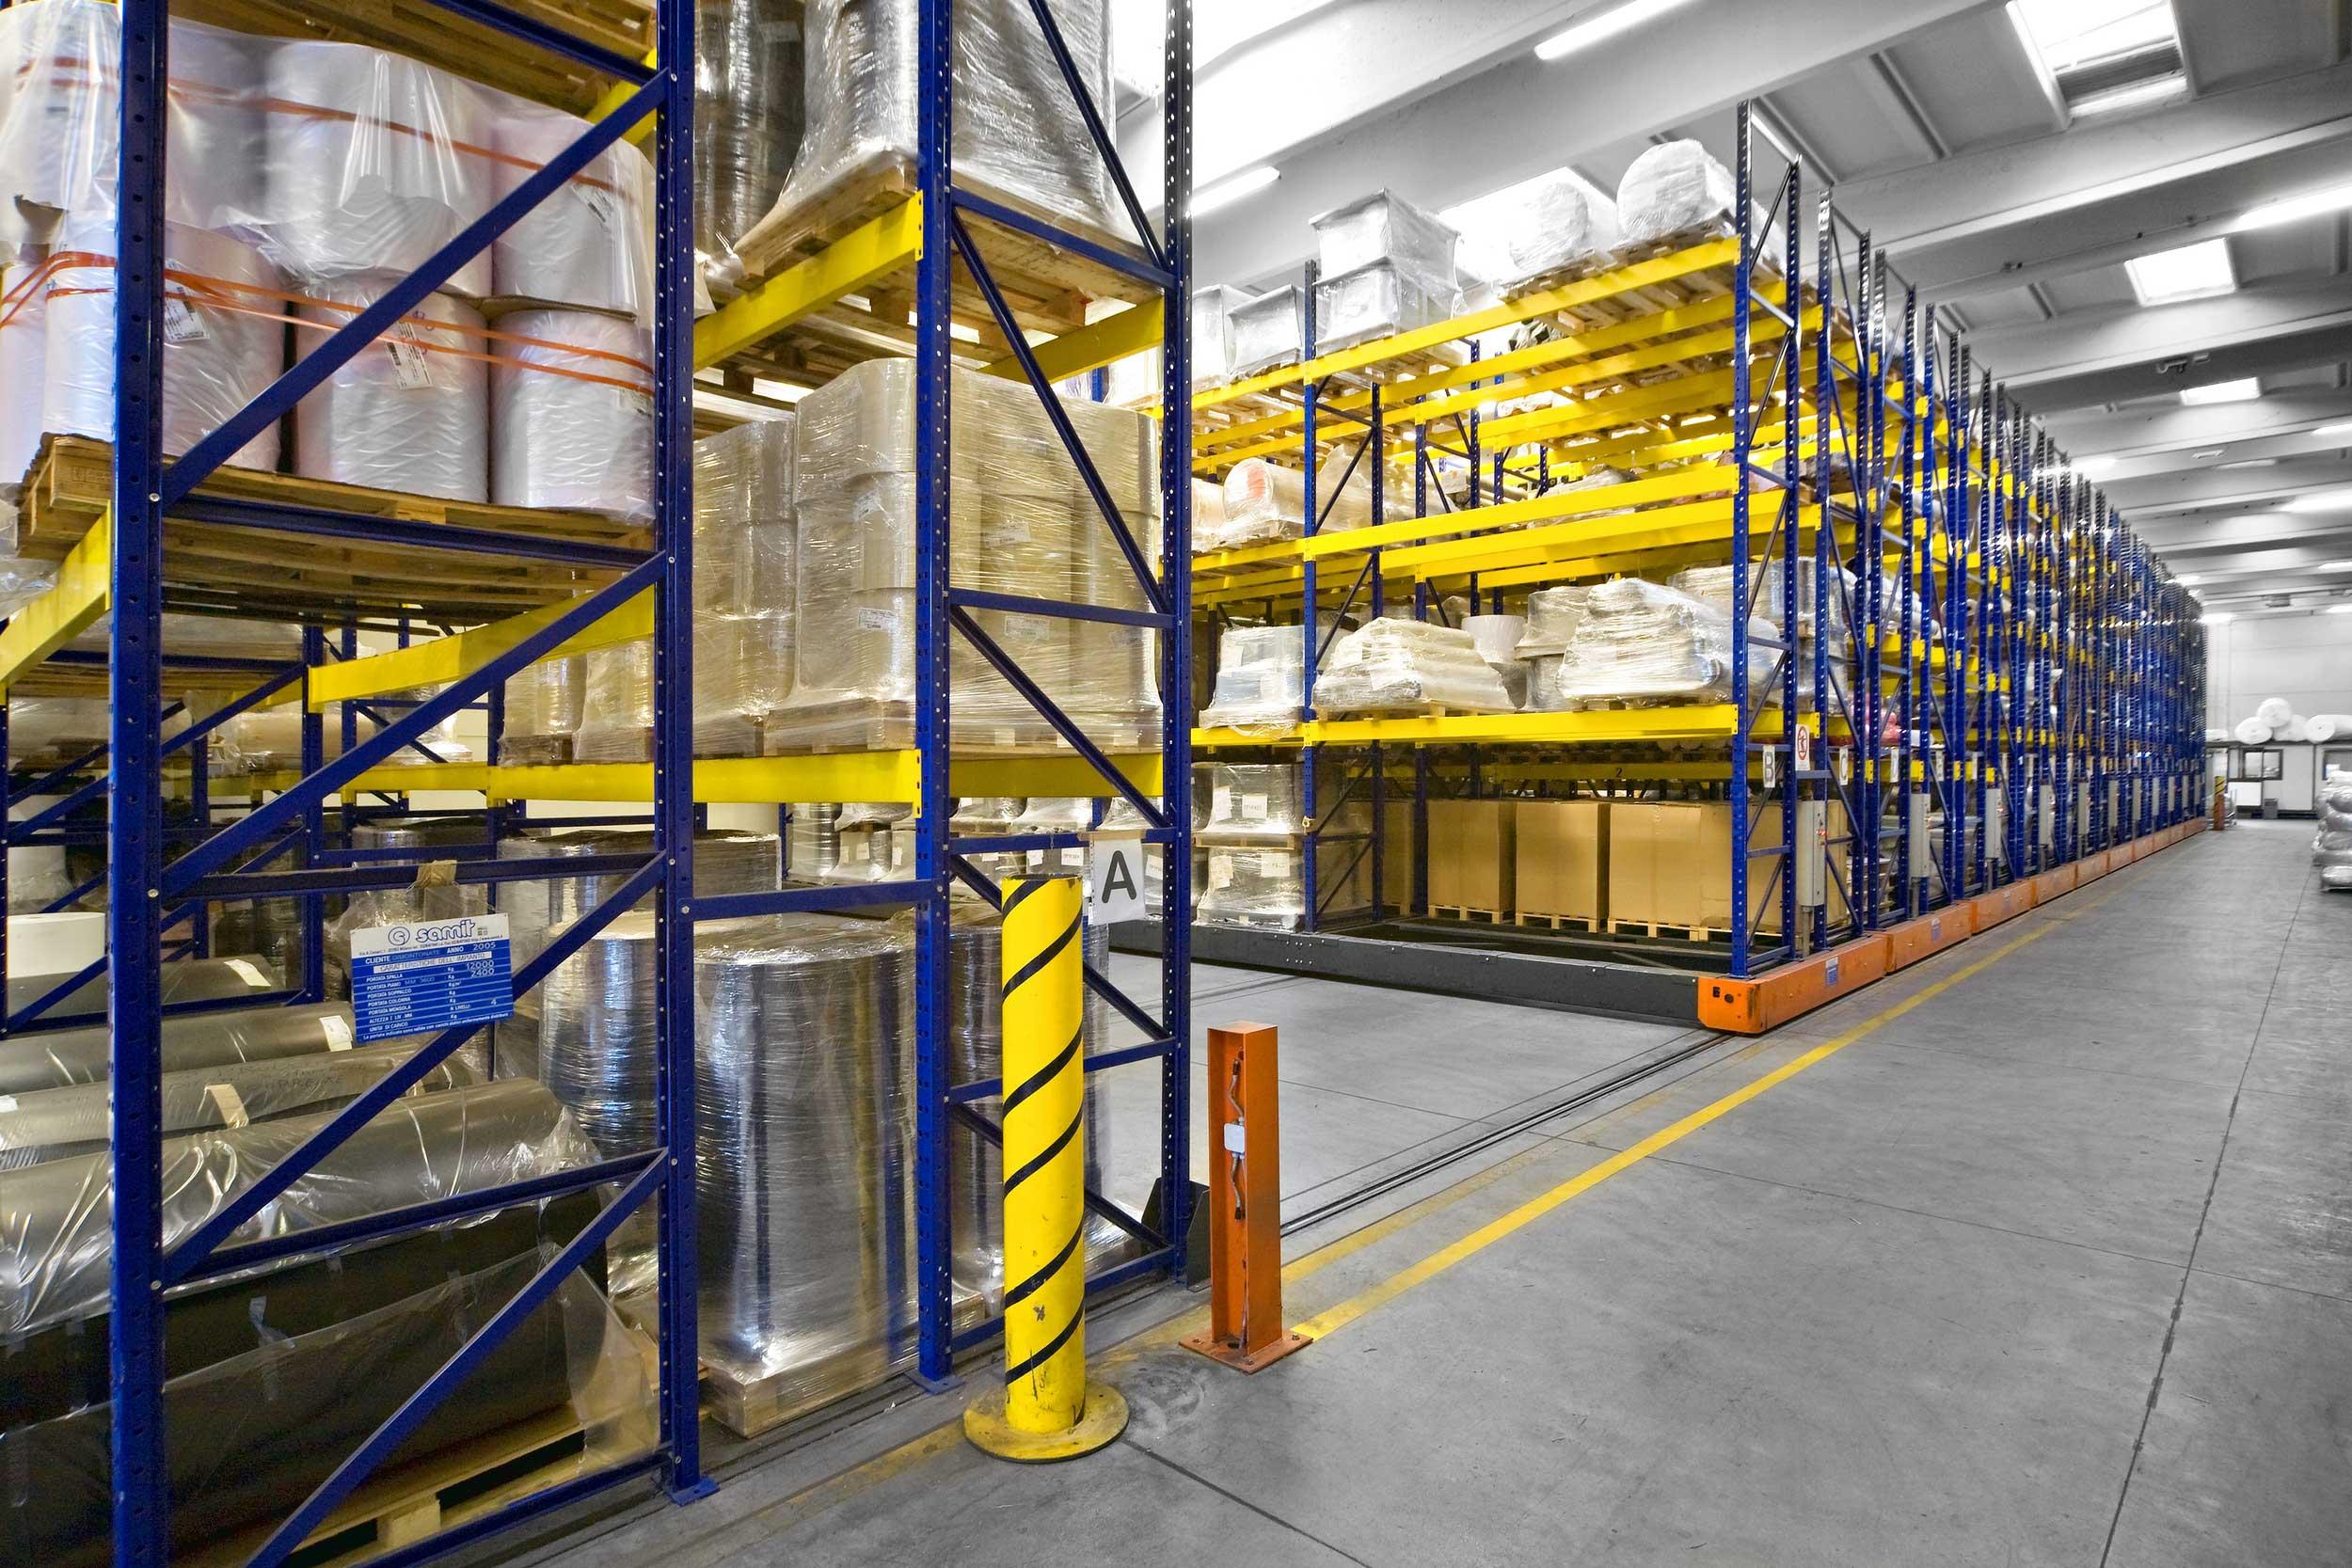 Gli scaffali compattabili pesanti Samit hanno una doppia capacità di stoccaggio a parità di spazio utilizzato oppure uguale capacità di stoccaggio delle strutture tradizionali, utilizzando metà dello spazio.